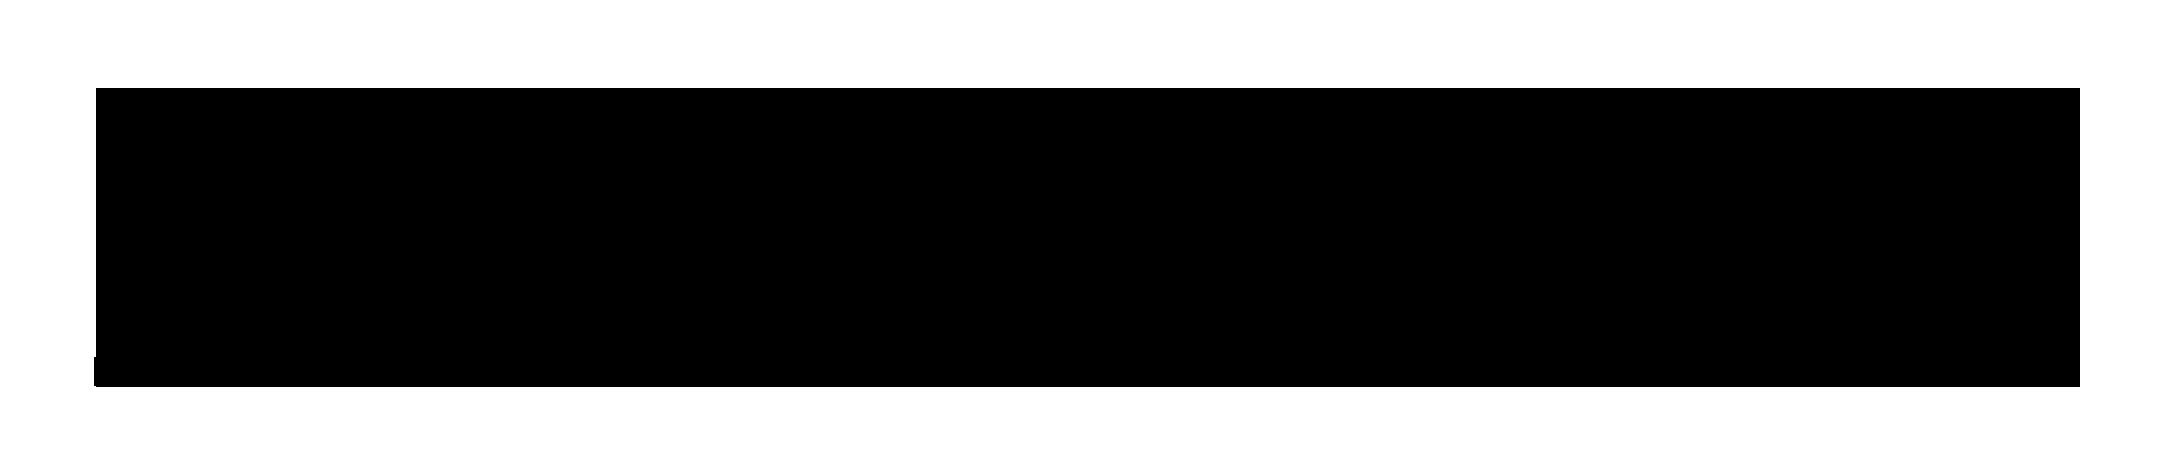 ping_logo-1.png